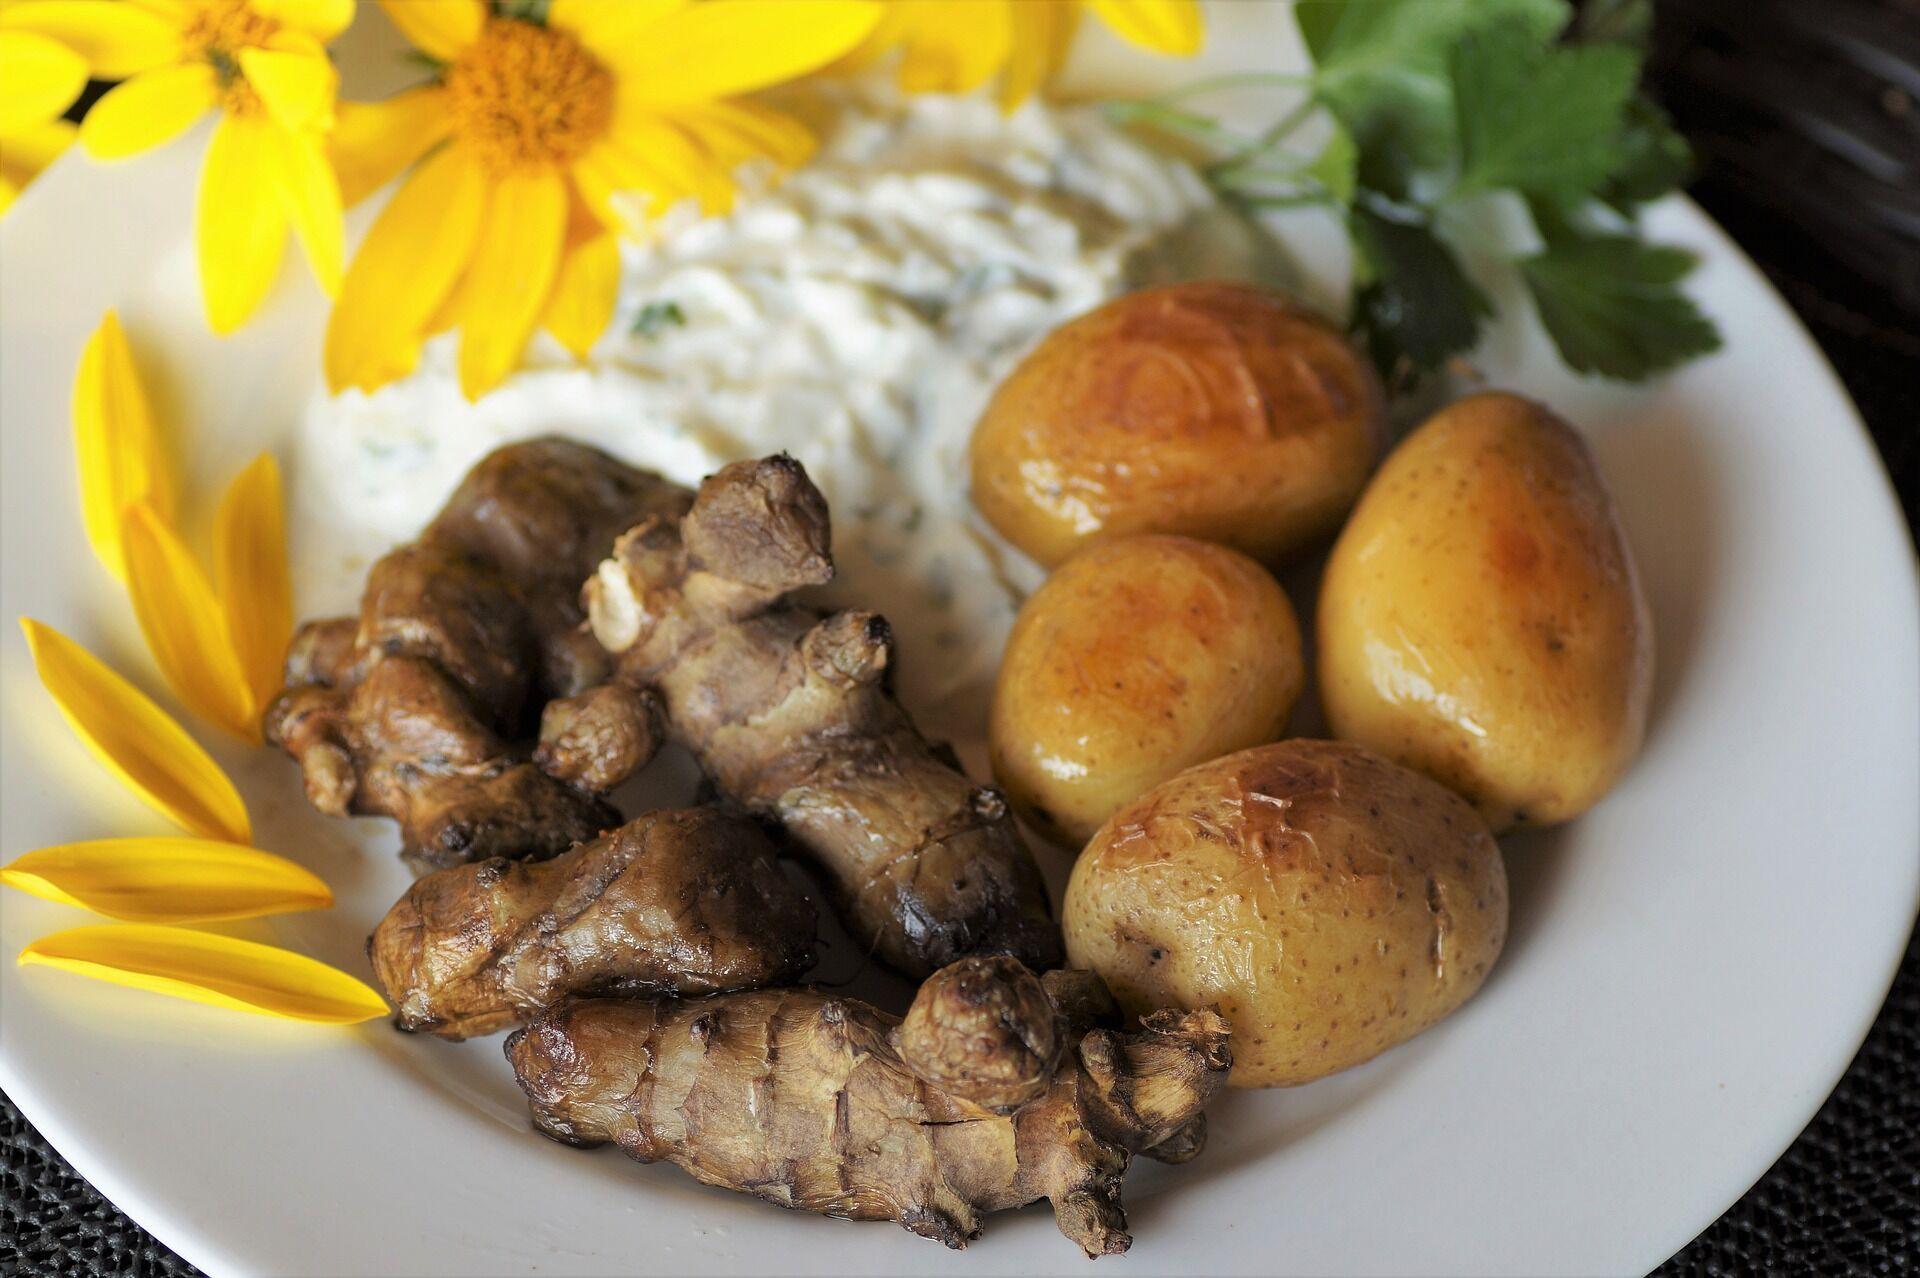 За якої температури найкраще готувати картоплю